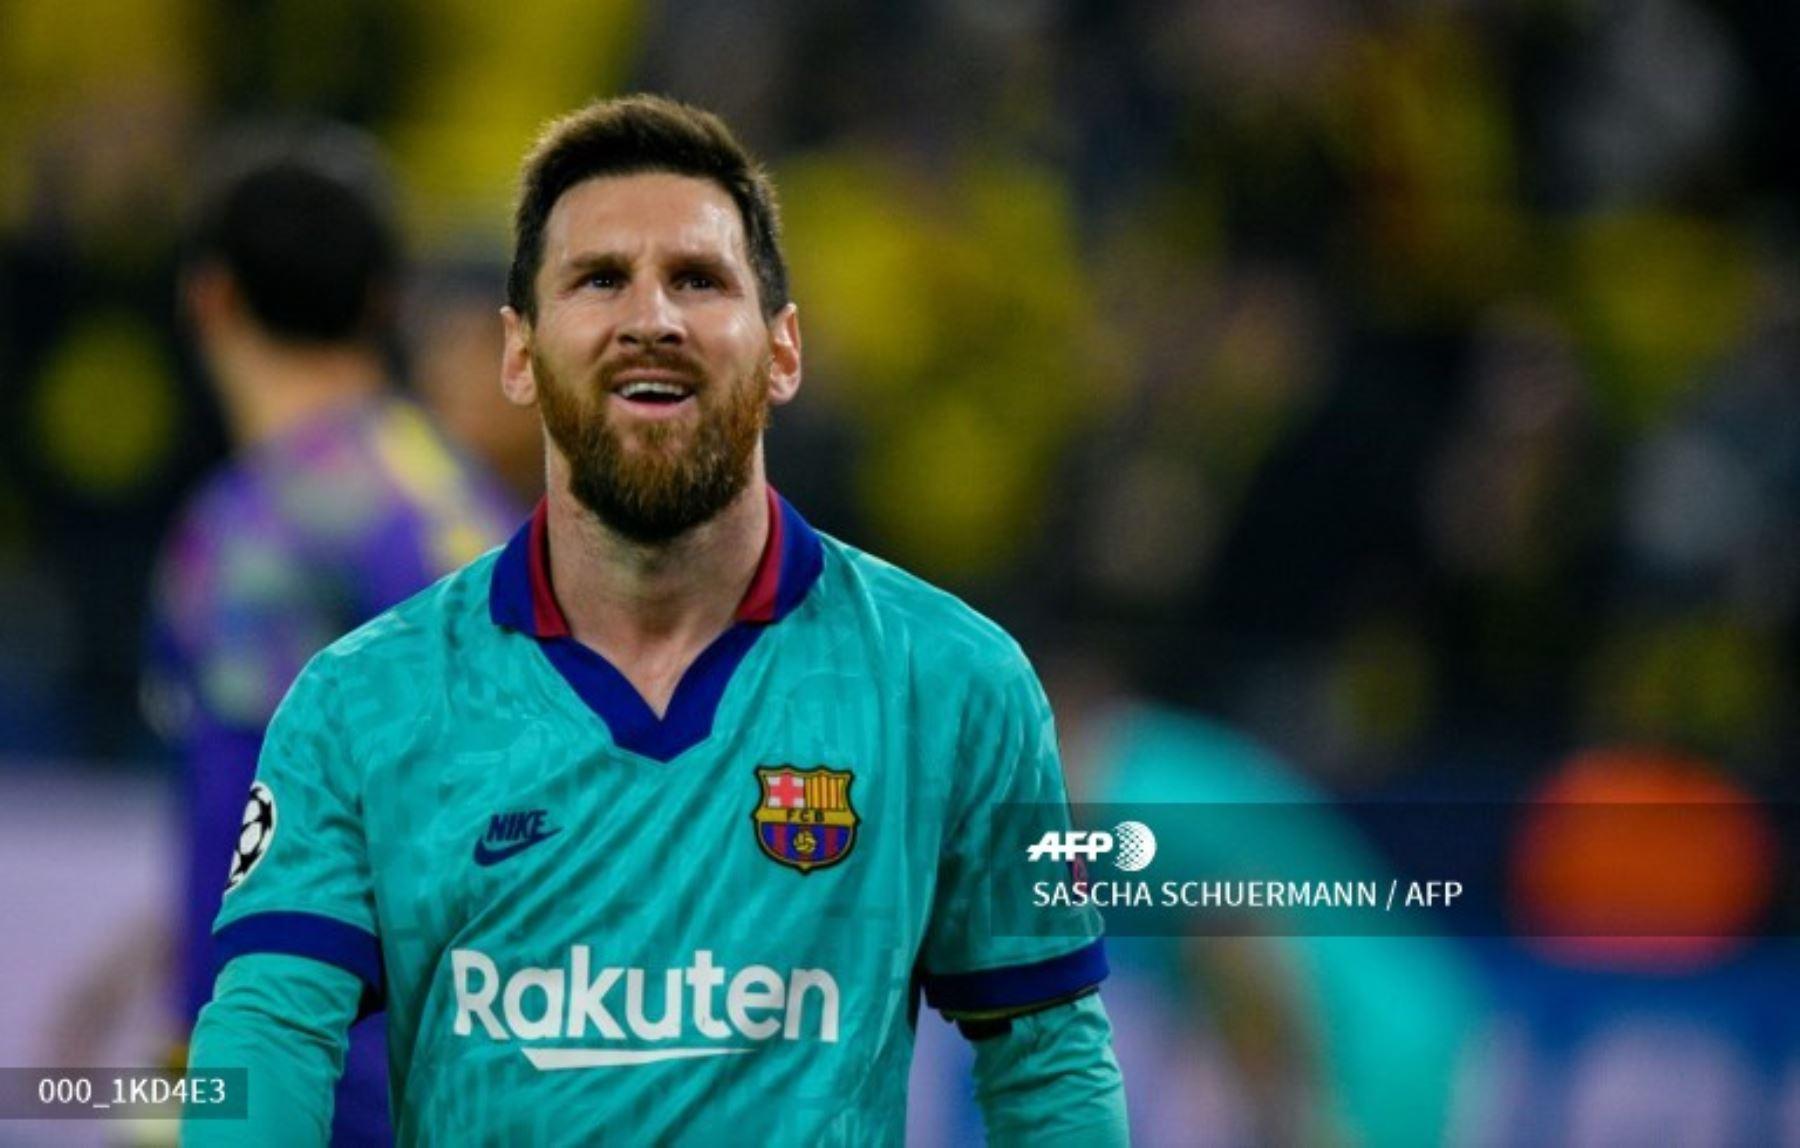 El delantero argentino de Barcelona, Lionel Messi, reacciona después del partido de fútbol del Grupo F de la UEFA Champions League, el Borussia Dortmund v FC Barcelona en Dortmund, Alemania  Foto:AFP